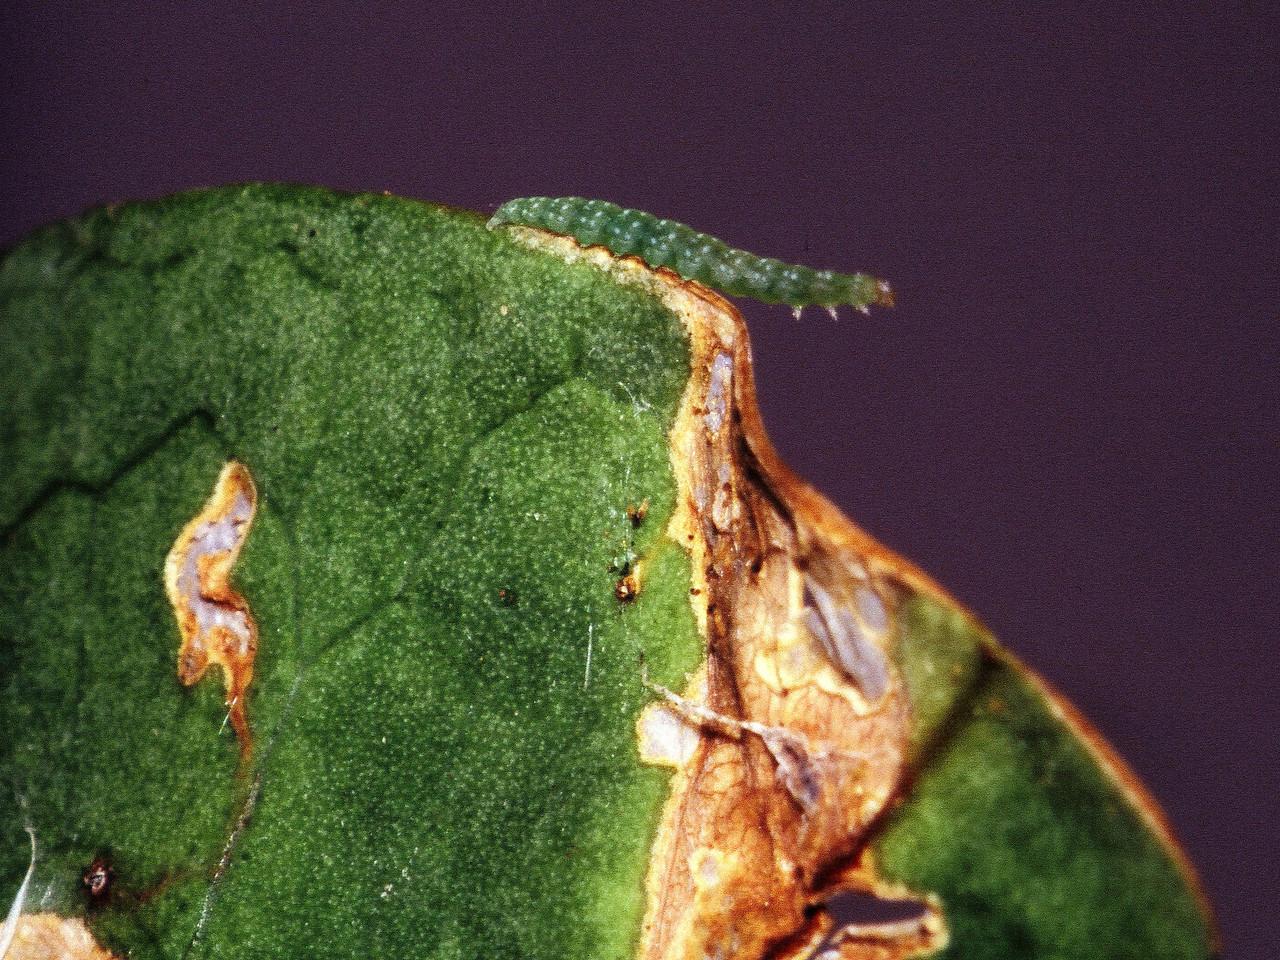 Plutella sp. (Lepidoptera: Plutellidae) on Capparis sandwichiana, East Maui